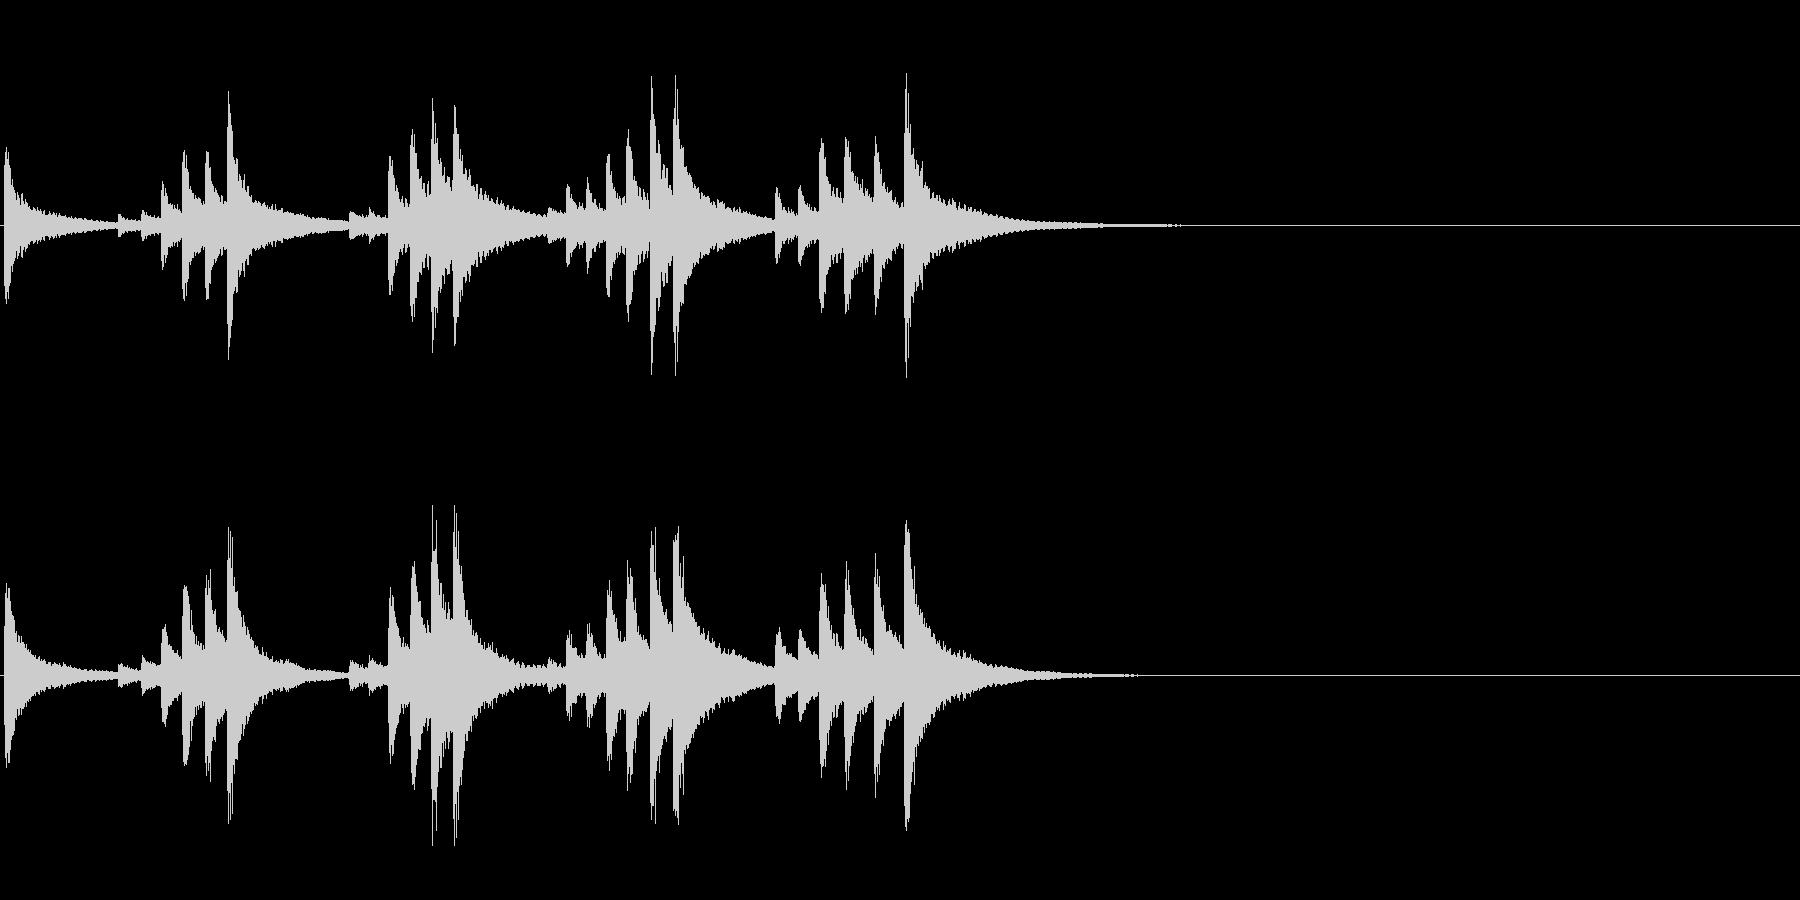 小型の鐘「本つり鐘」のフレーズ音3+Fxの未再生の波形